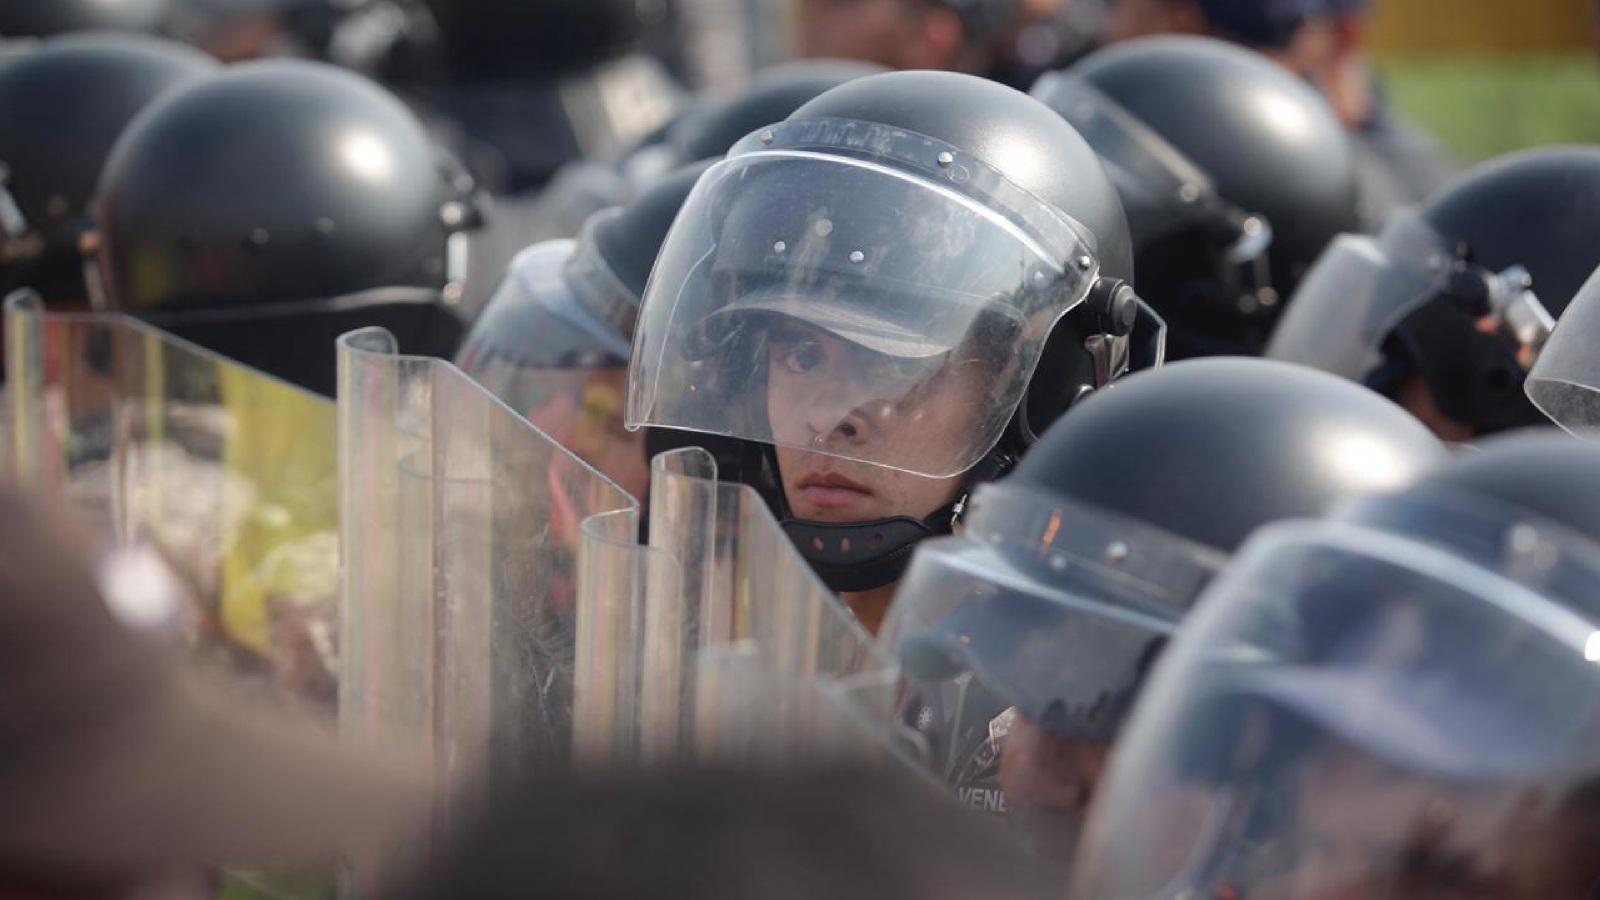 ¿Qué pasará con los más de 500 militares venezolanos que han llegado a Colombia?